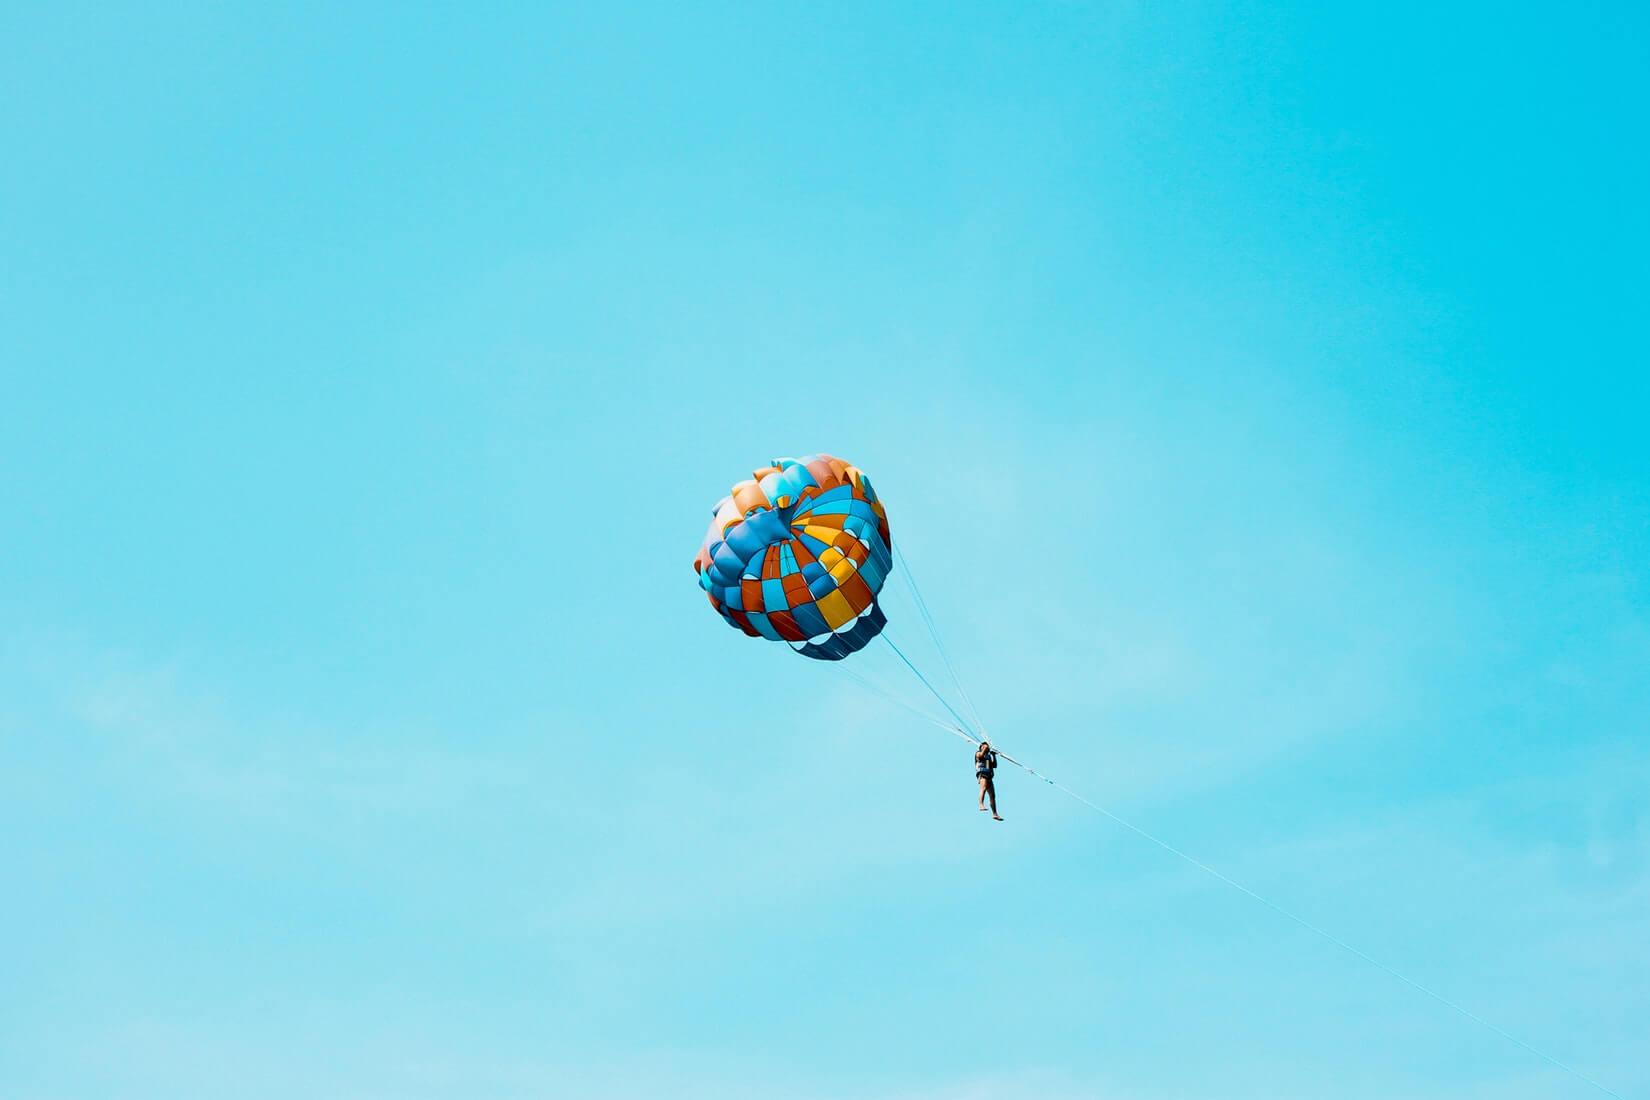 Колечко, кольцо: где и как прыгать с парашютом